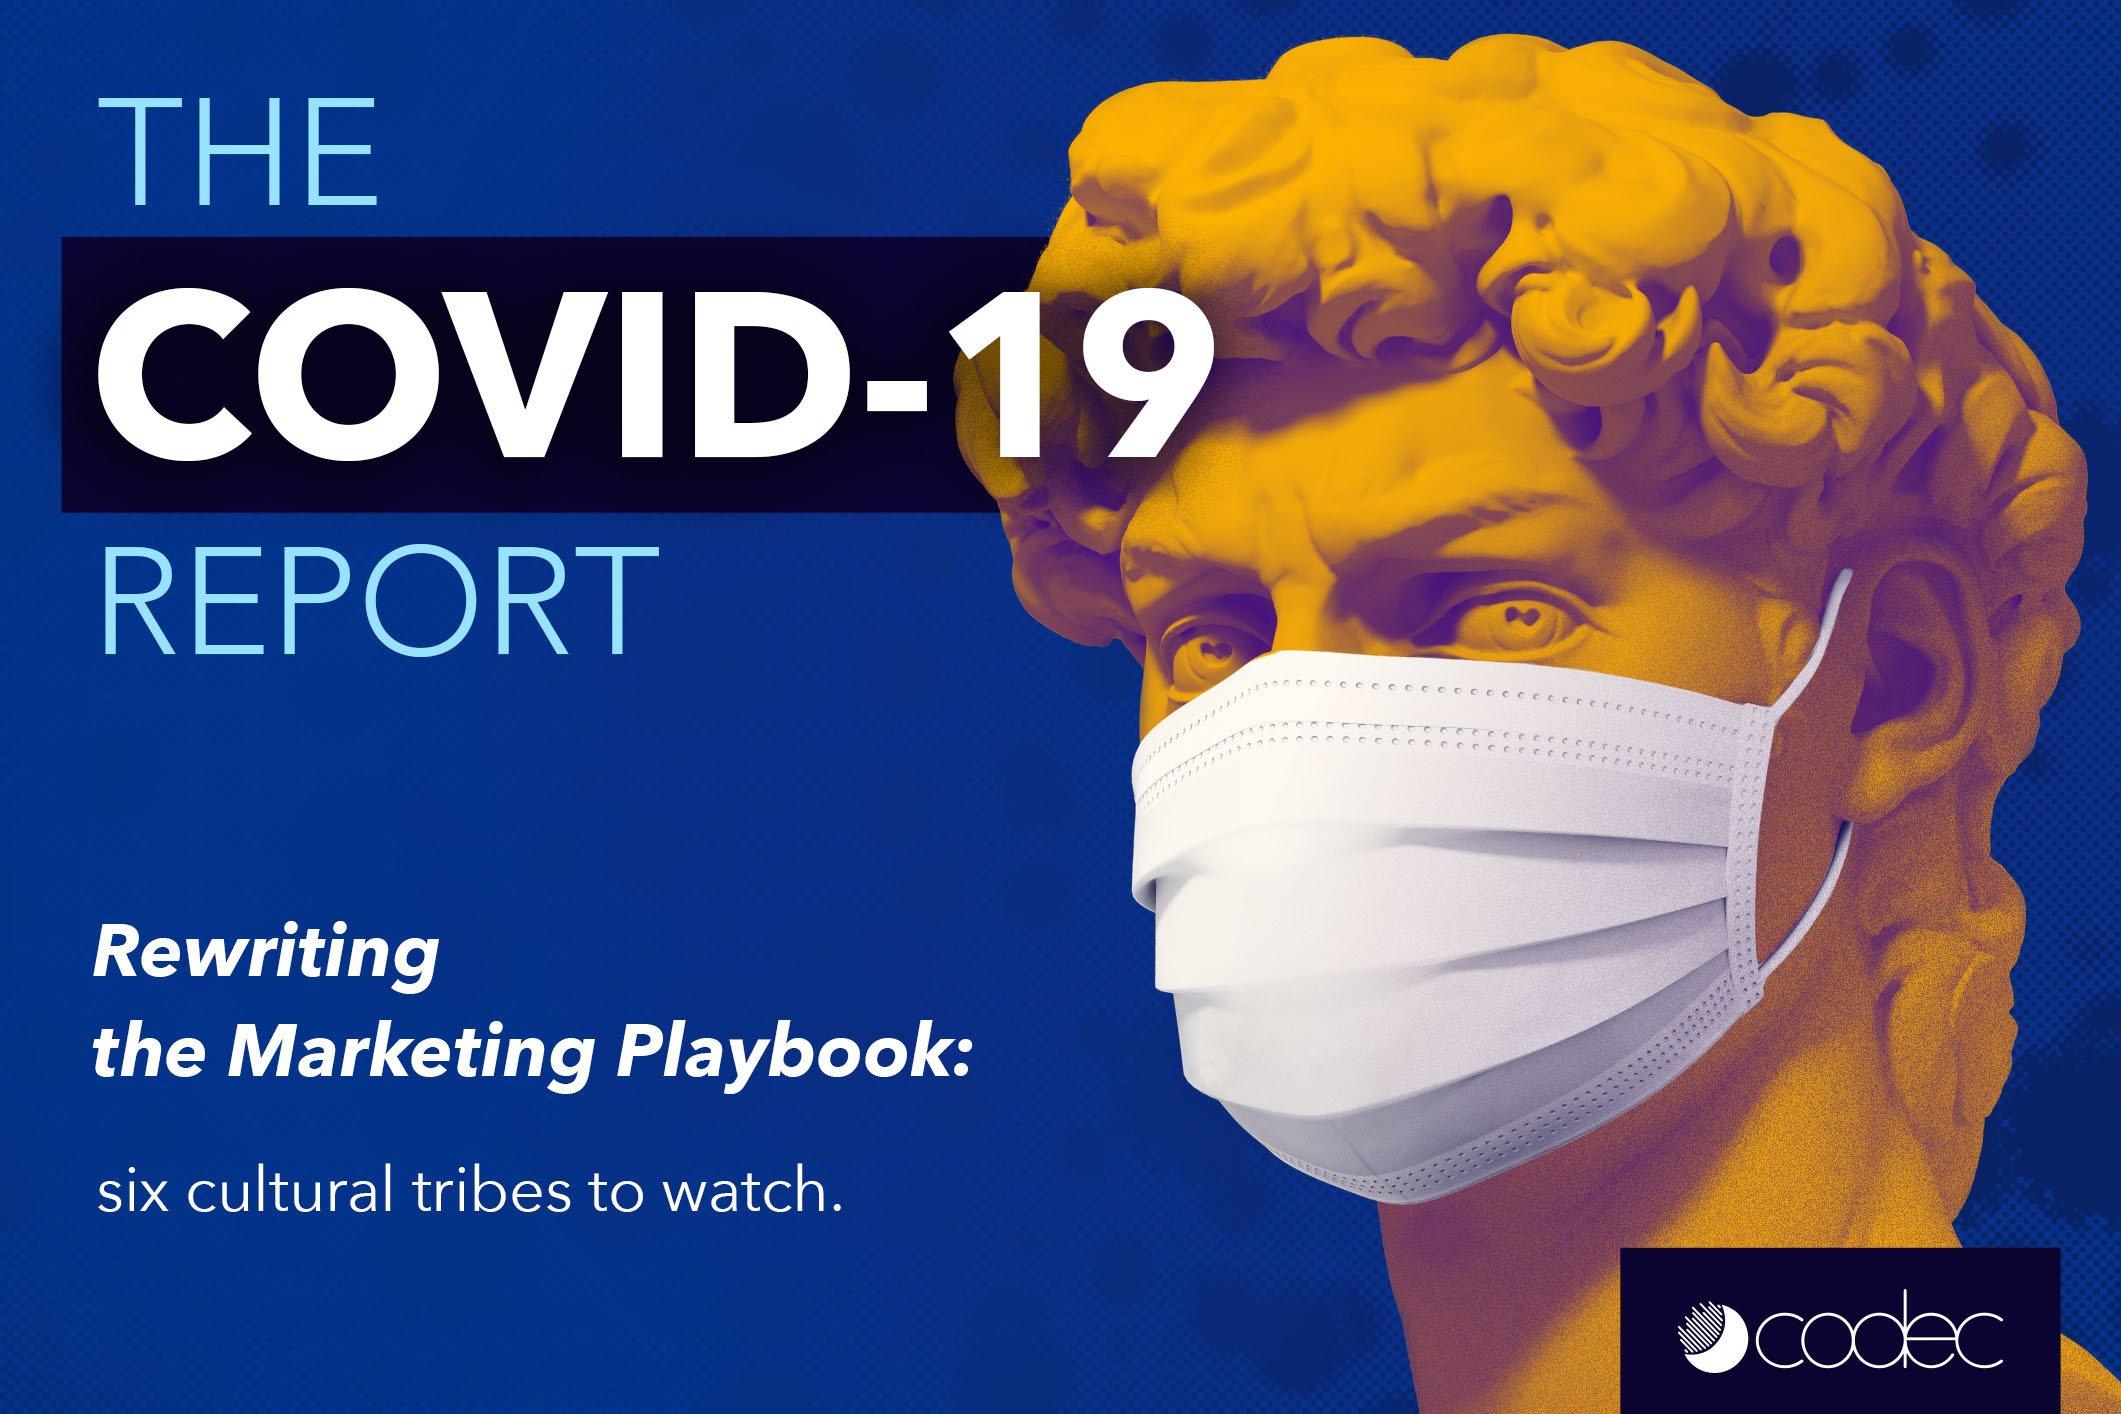 Codec The Covid-19 Report